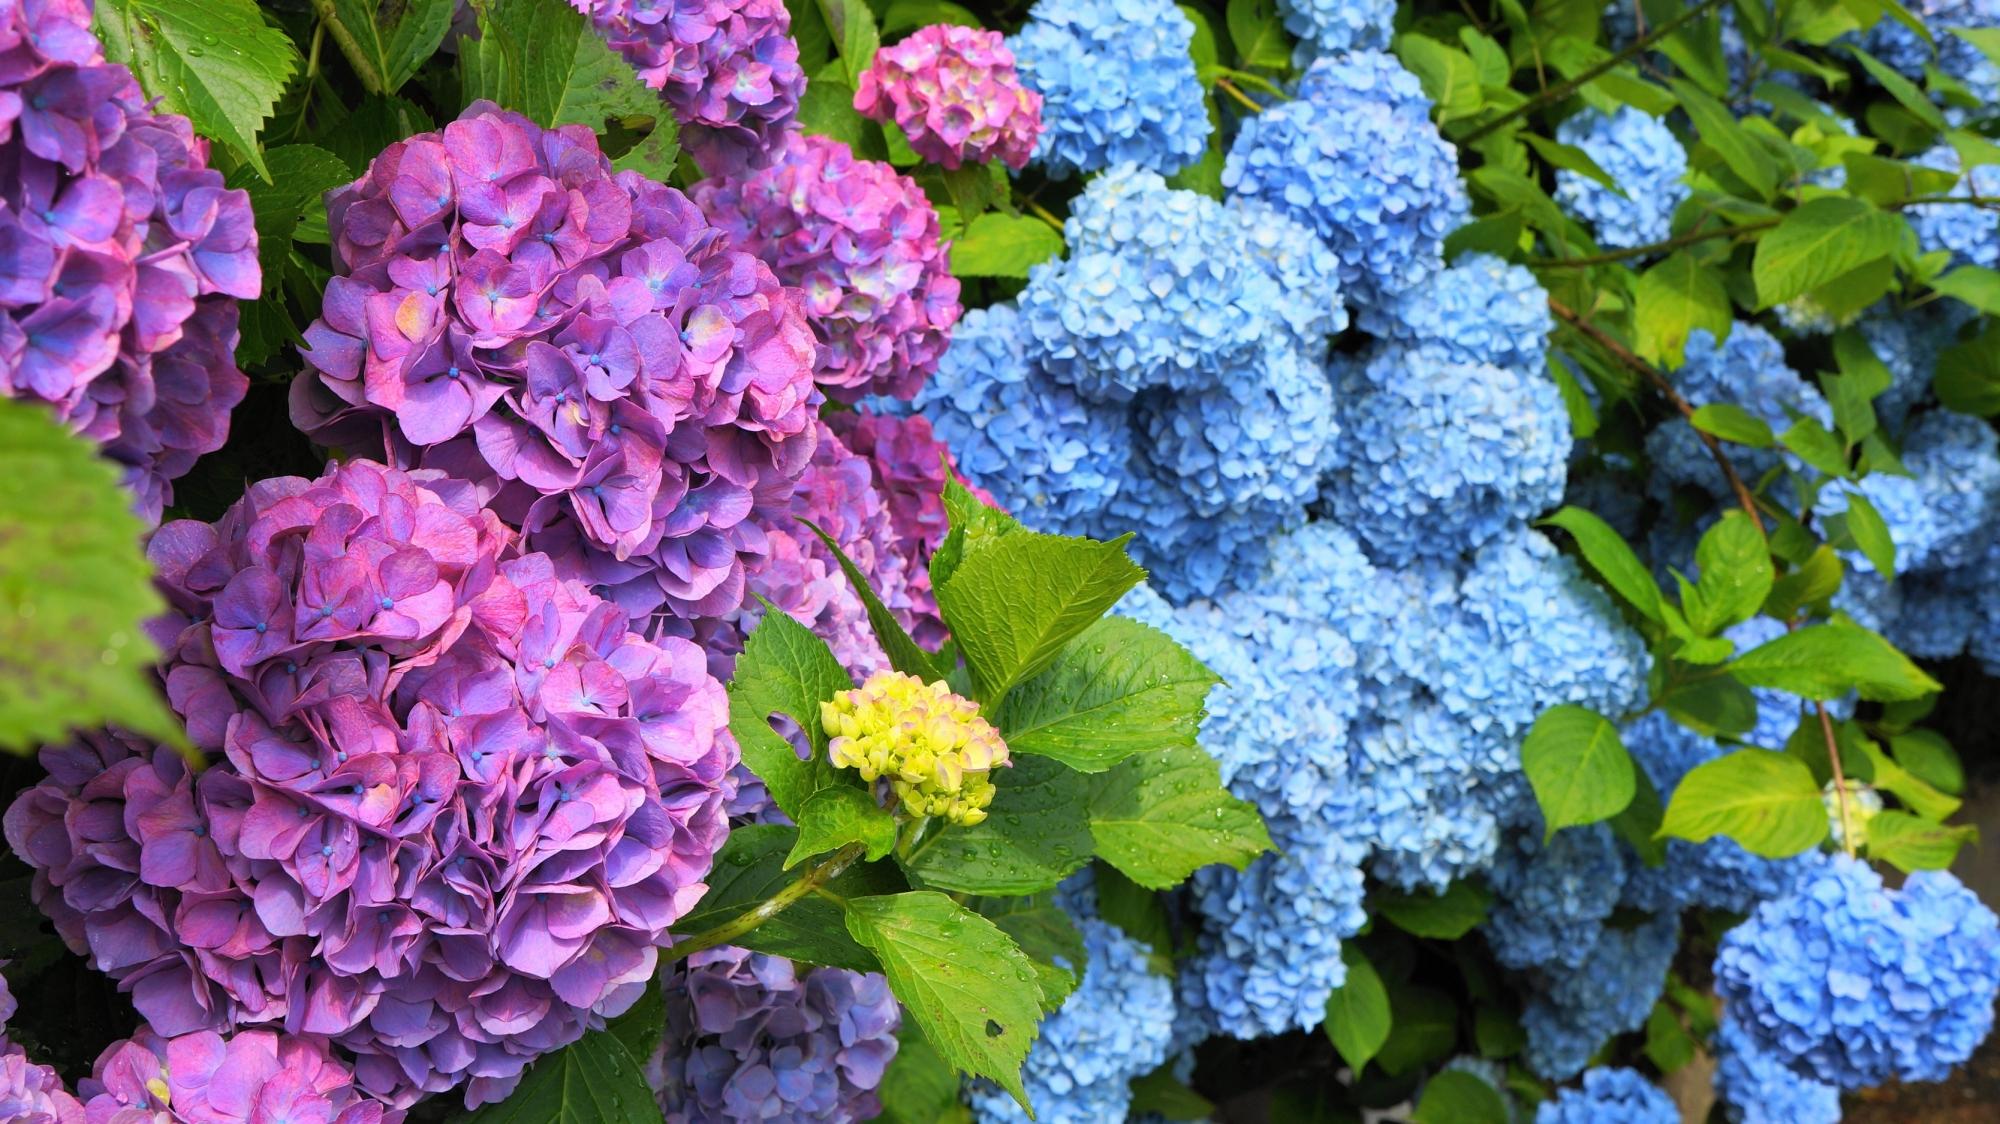 善峯寺の緑の中から溢れ出す優雅な紫陽花